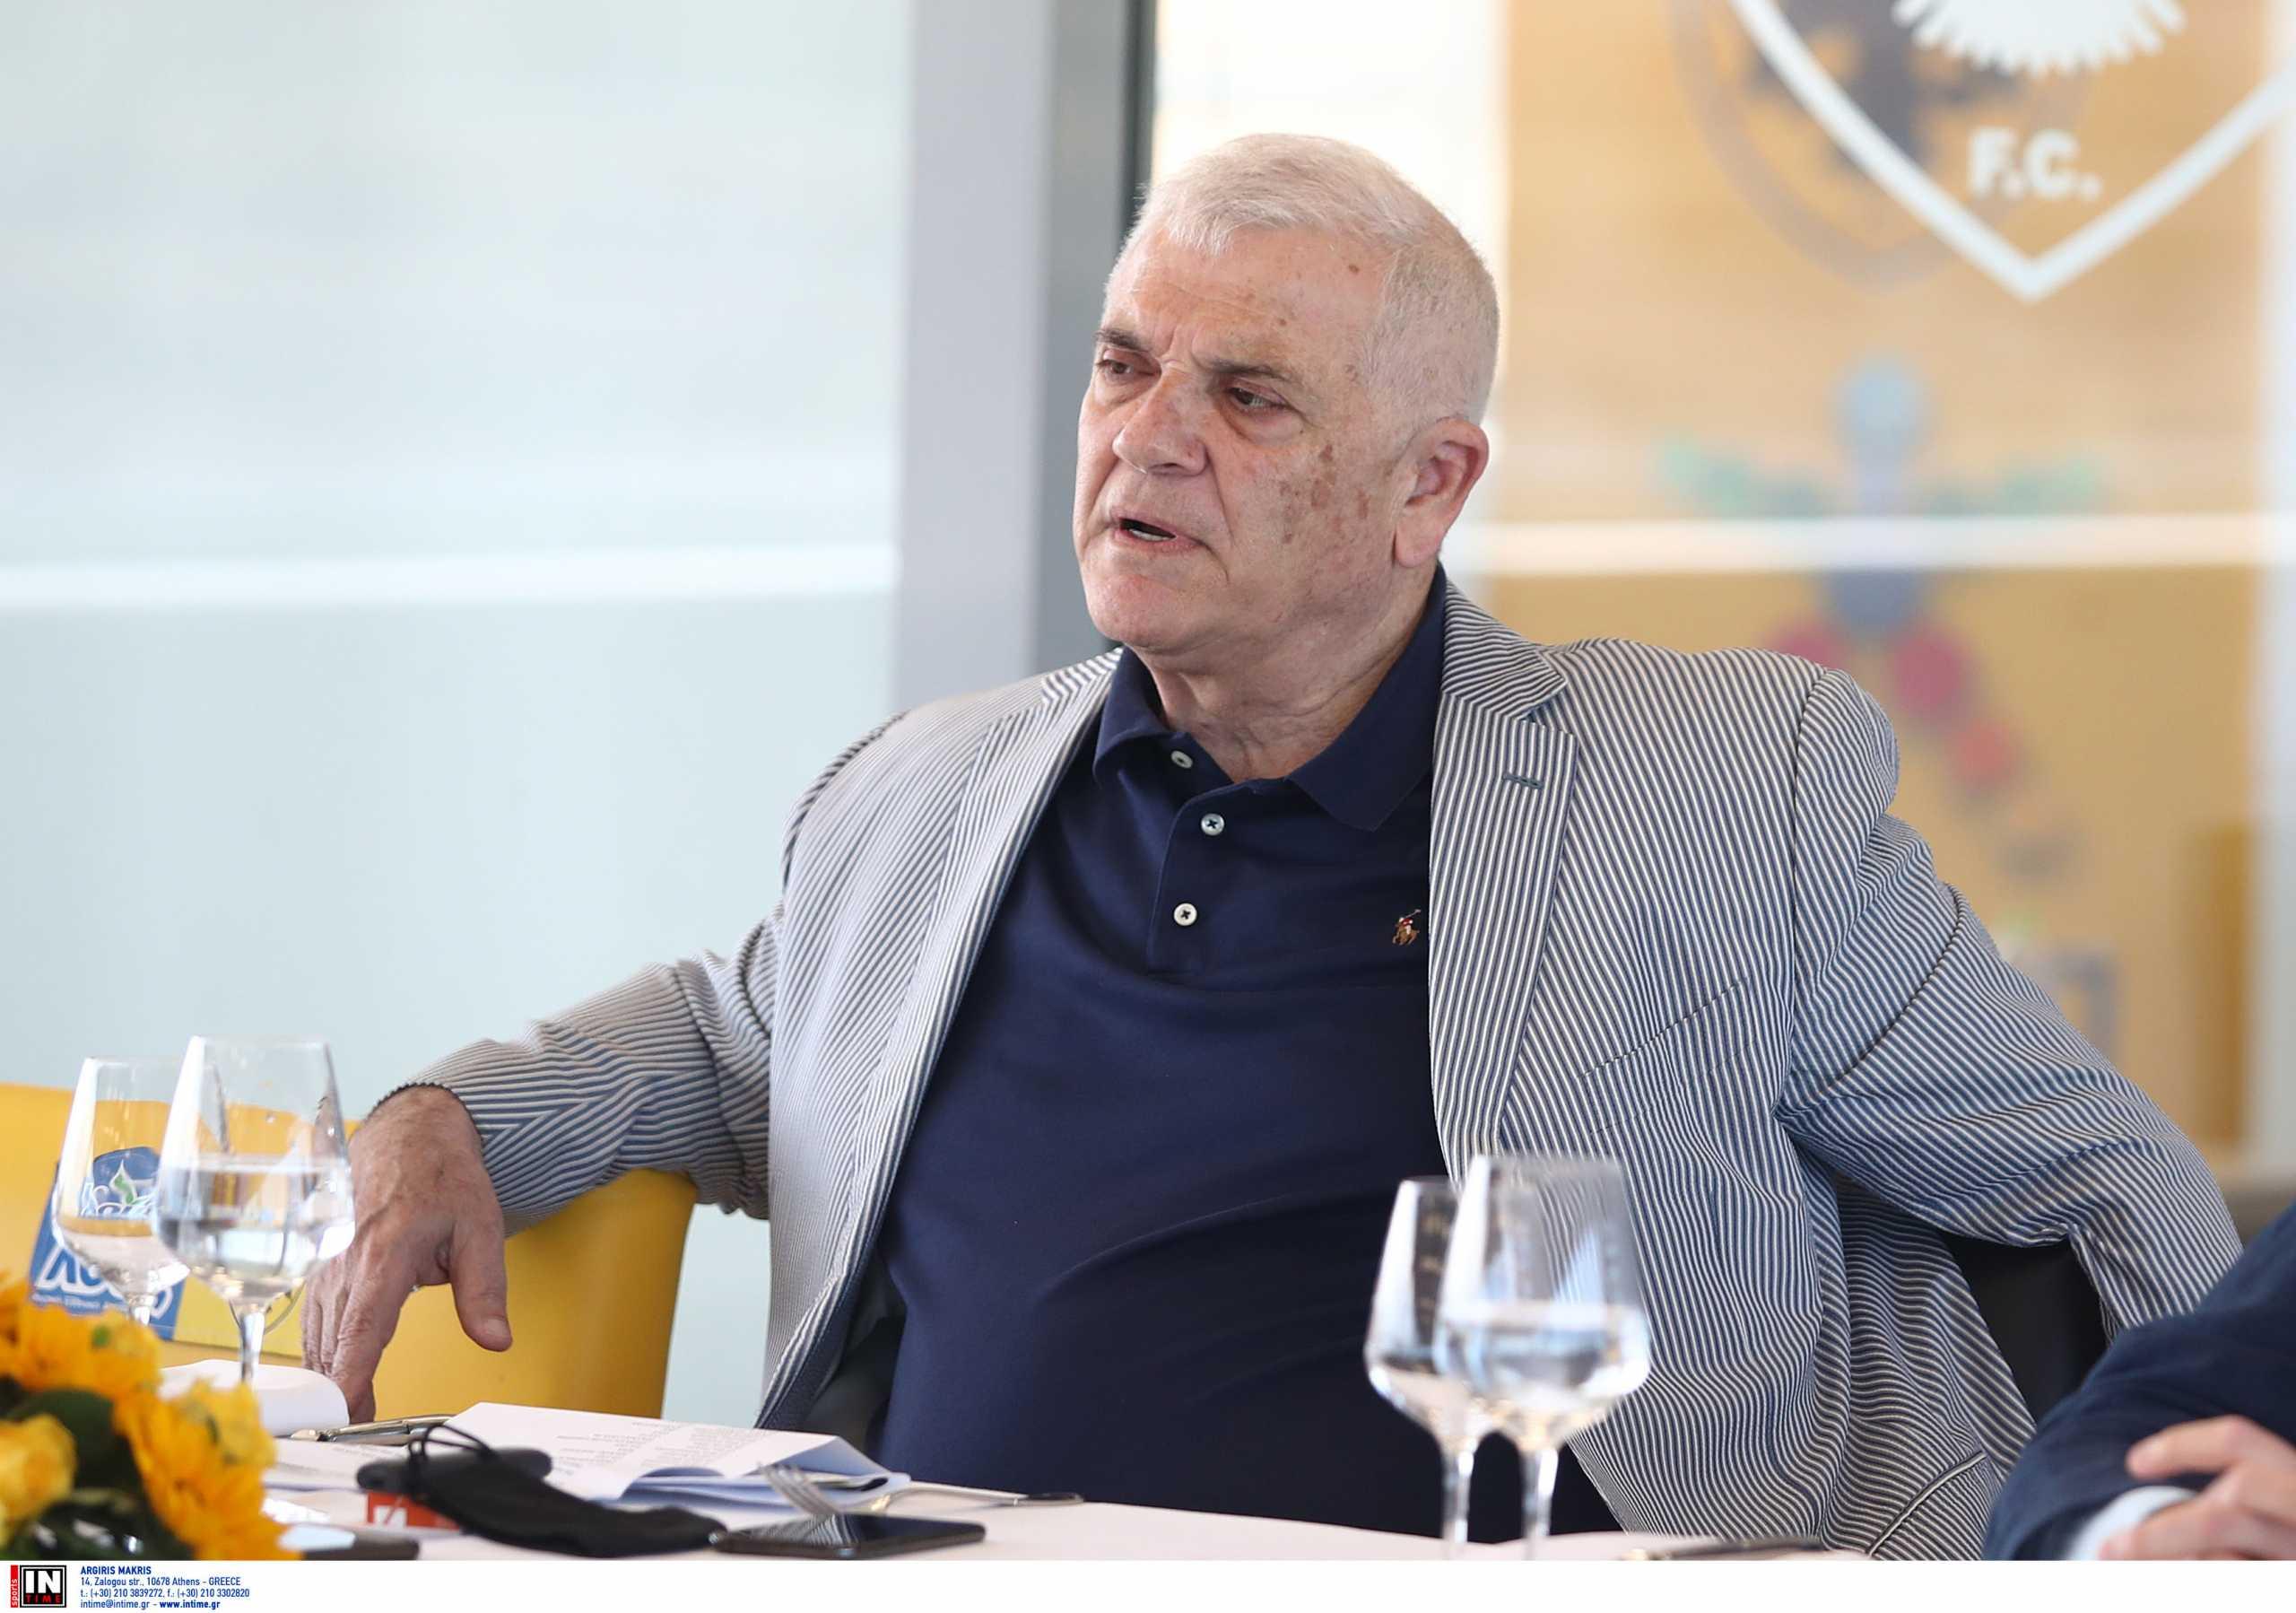 ΑΕΚ: Εισήγηση απαλλαγής του Μελισσανίδη από την Επιτροπή Δεοντολογίας